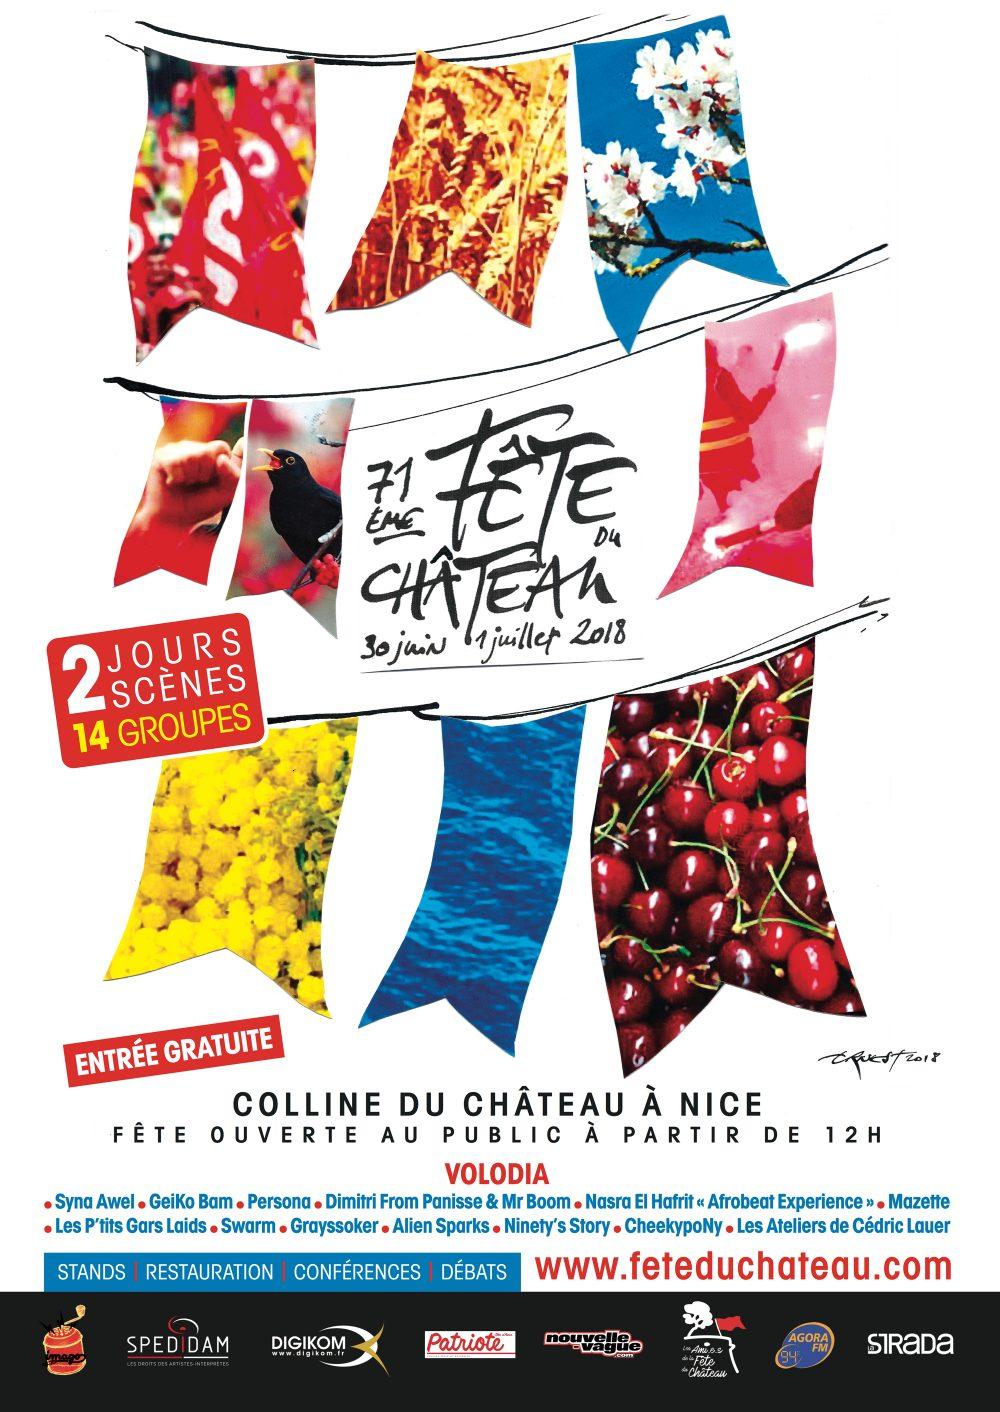 Fête du château à Nice @ Chateau de Nice | Nice | Provence-Alpes-Côte d'Azur | France